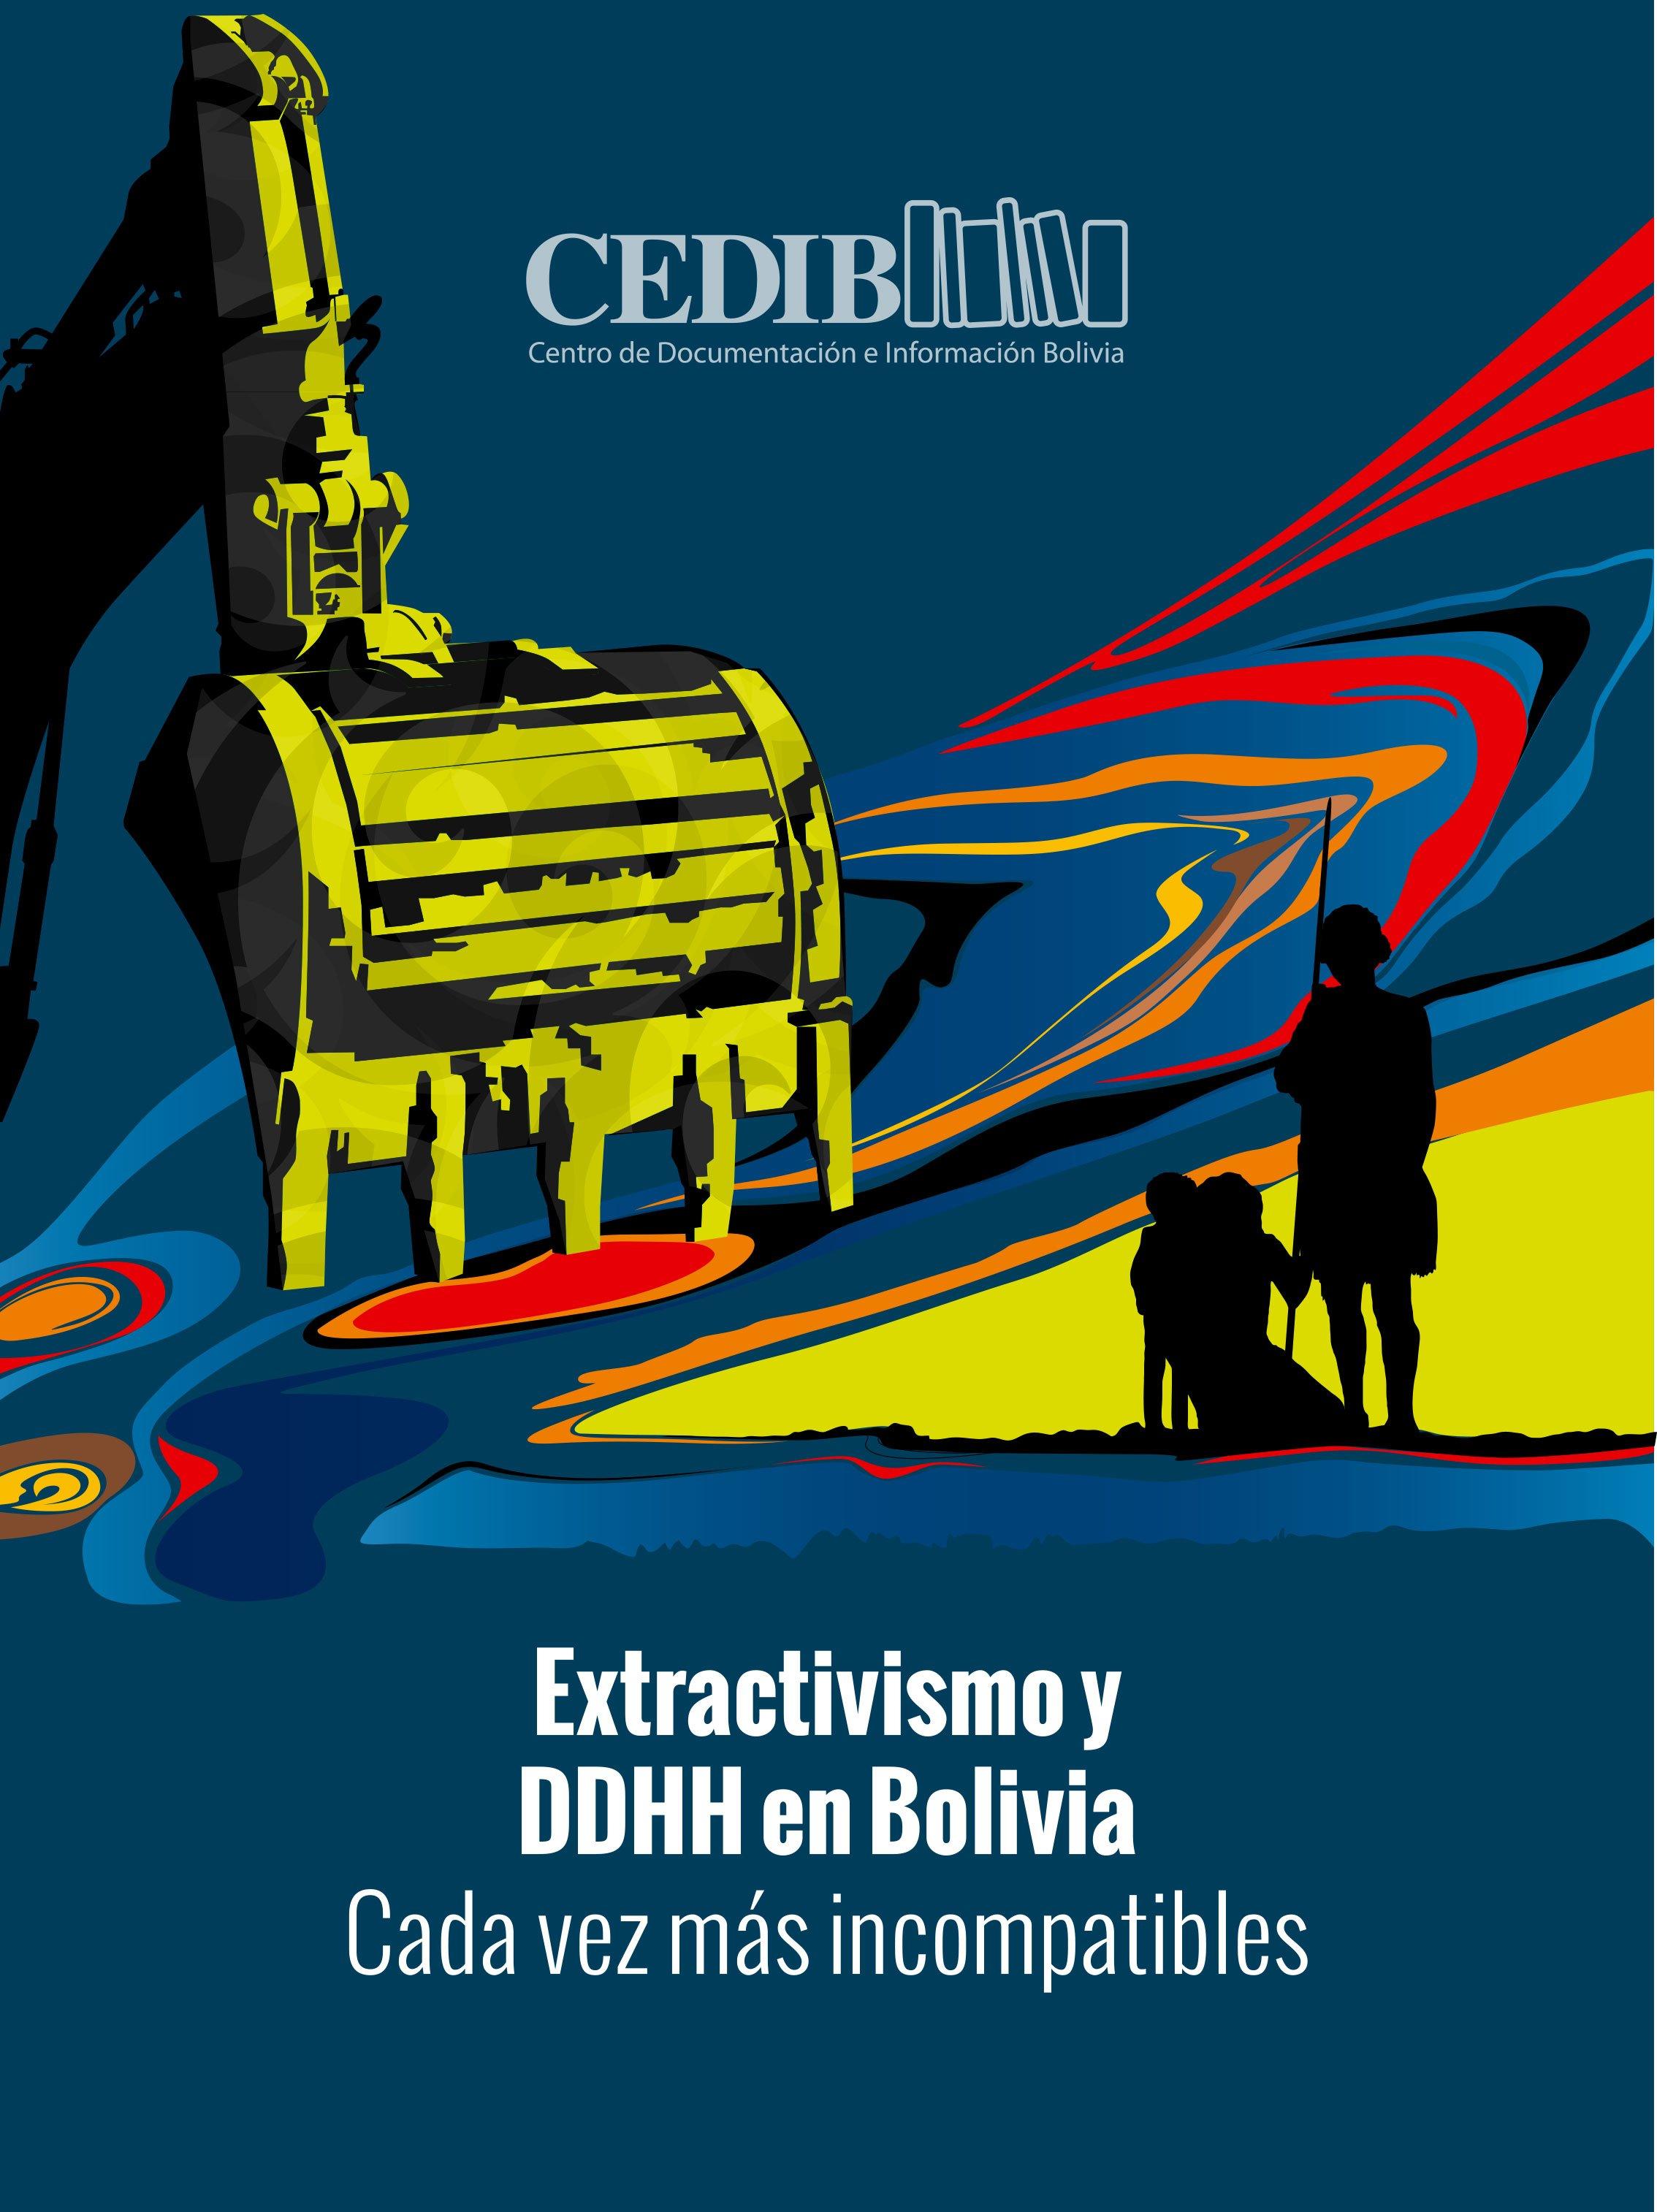 Extractivismo y DDHH en Bolivia: Cada vez más incompatibles